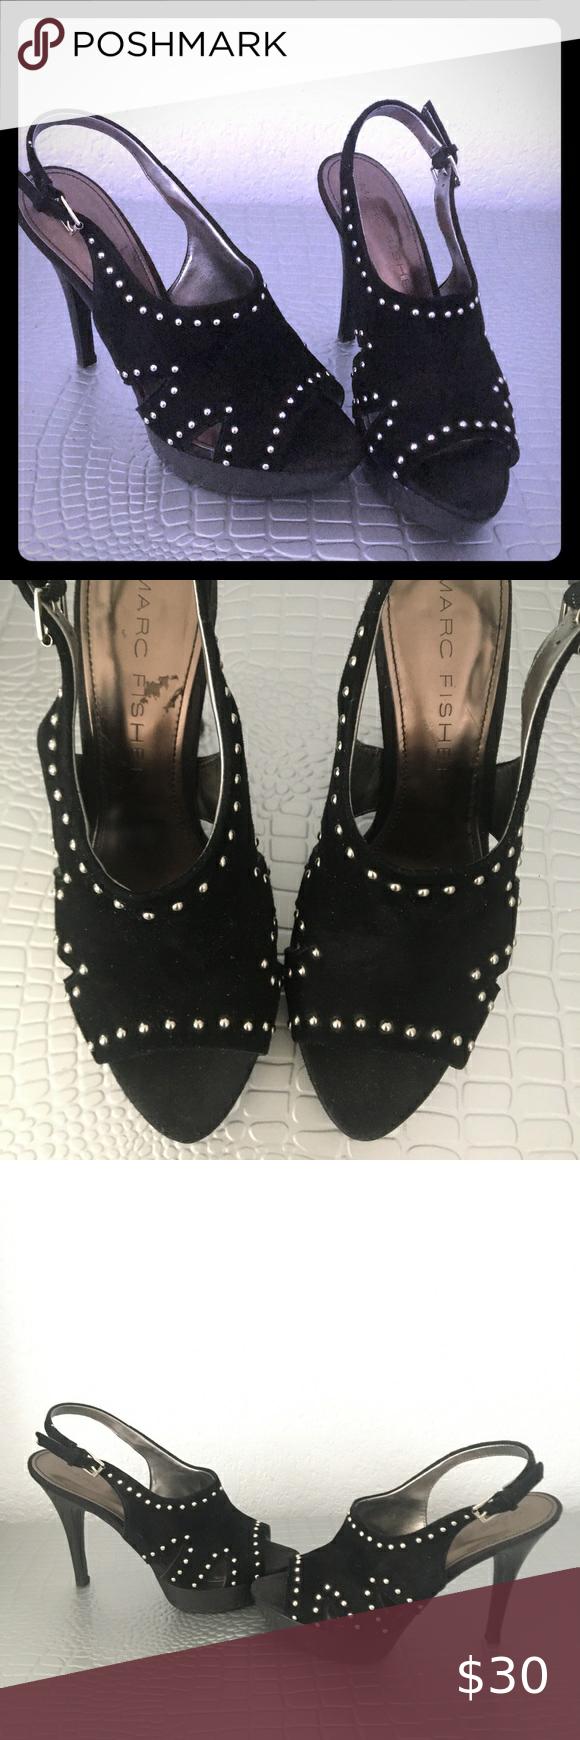 Heels Beautiful black Marc fisher 7.5 heels Marc Fisher Shoes Heels